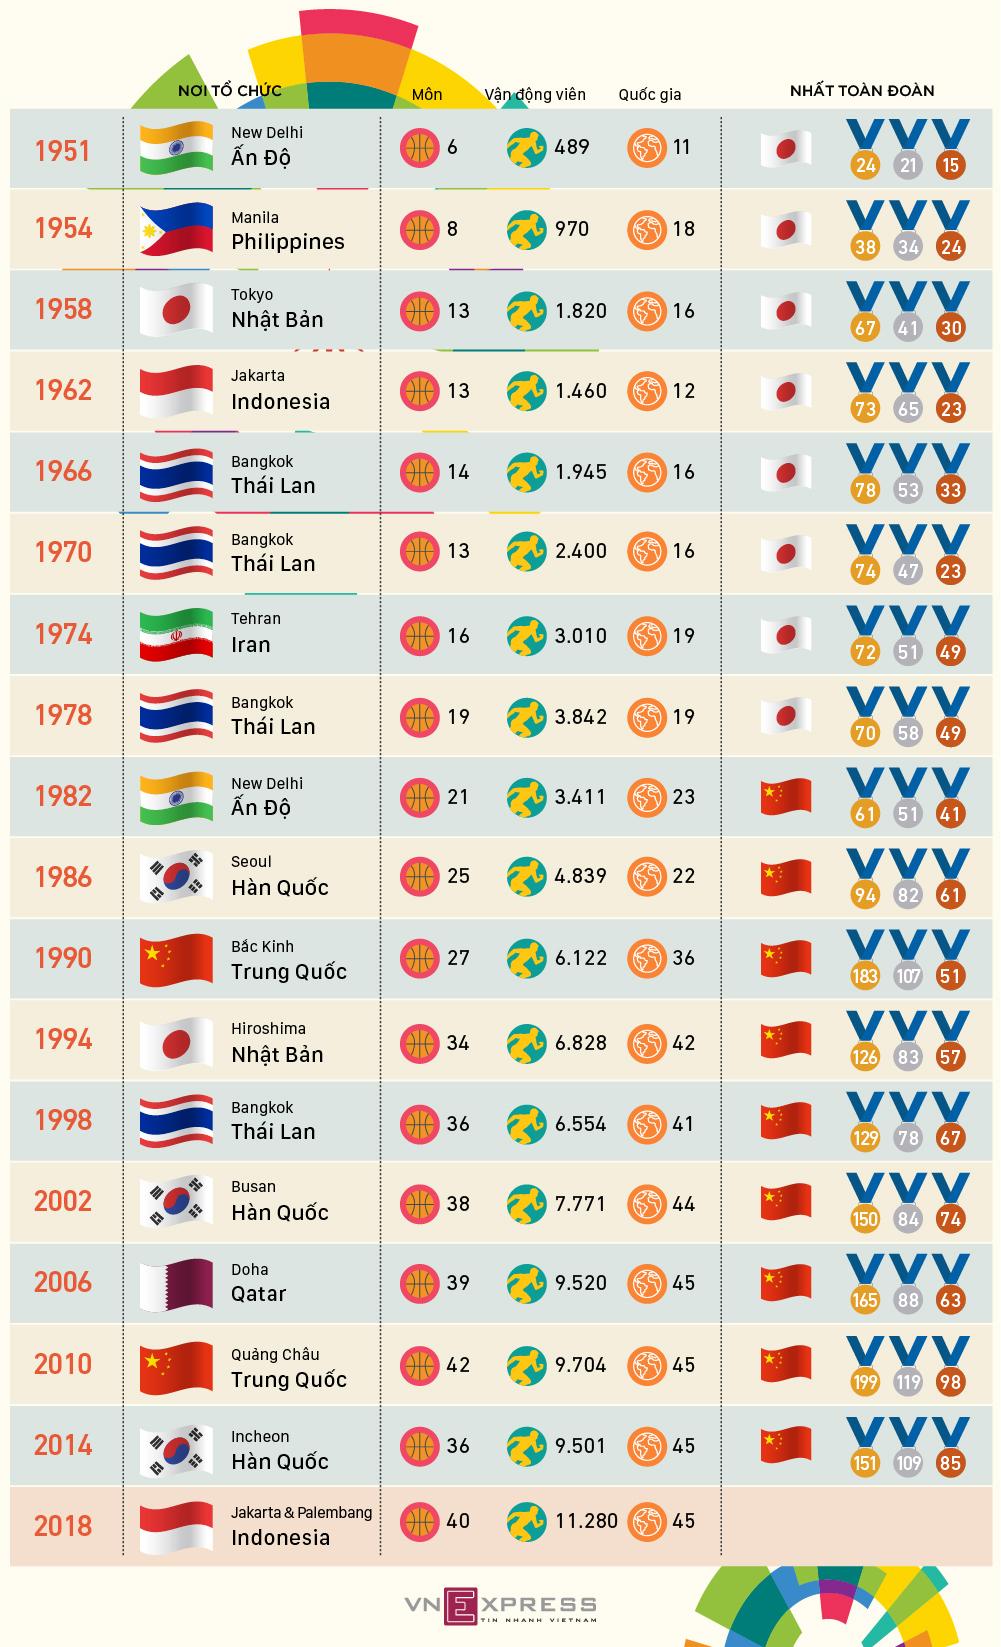 Lịch sử Asiad qua 17 lần tổ chức